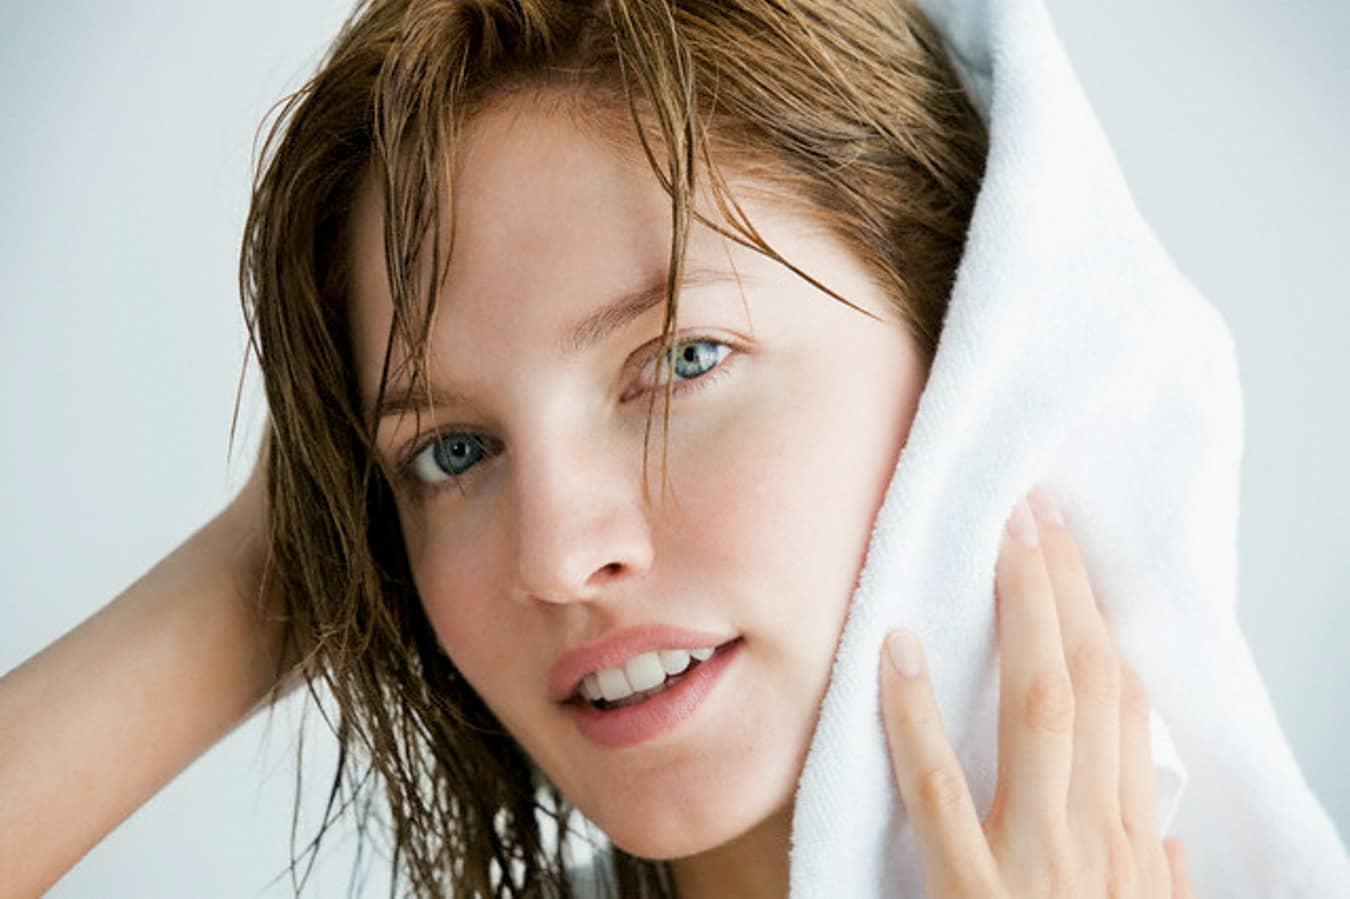 Маску для волос с тонирующими элементами стоит применять только на чистые волосы